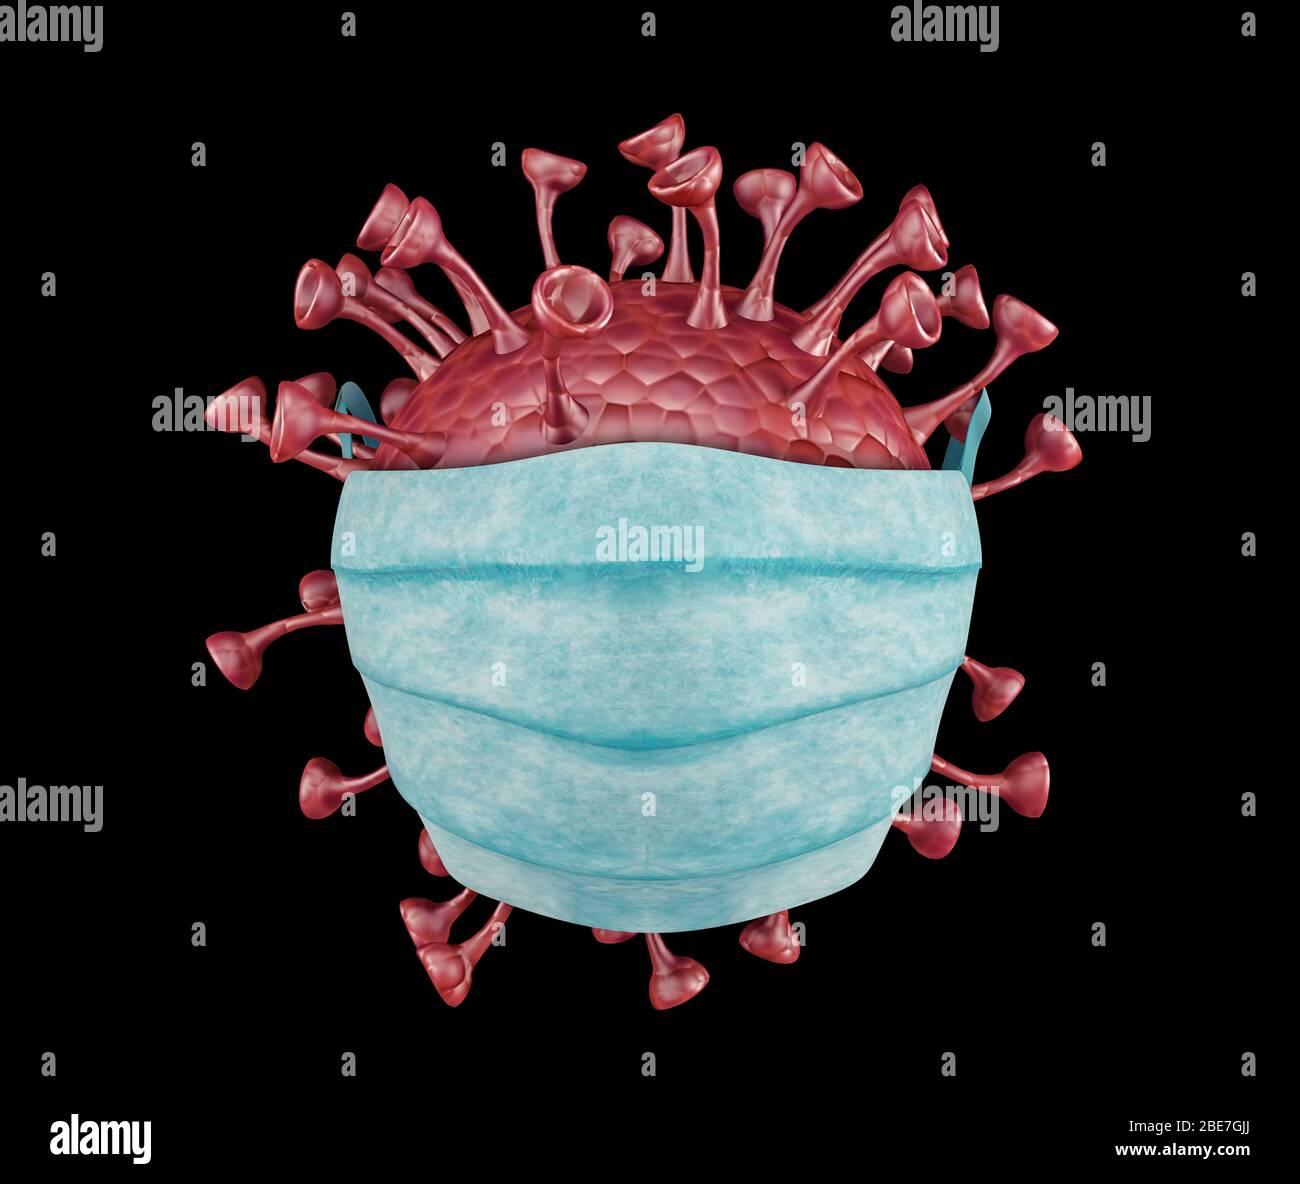 Vista microscópica de los coronavirus, un patógeno que ataca el tracto respiratorio. Análisis y ensayo, experimentación. El SRAS. 3D Render Foto de stock